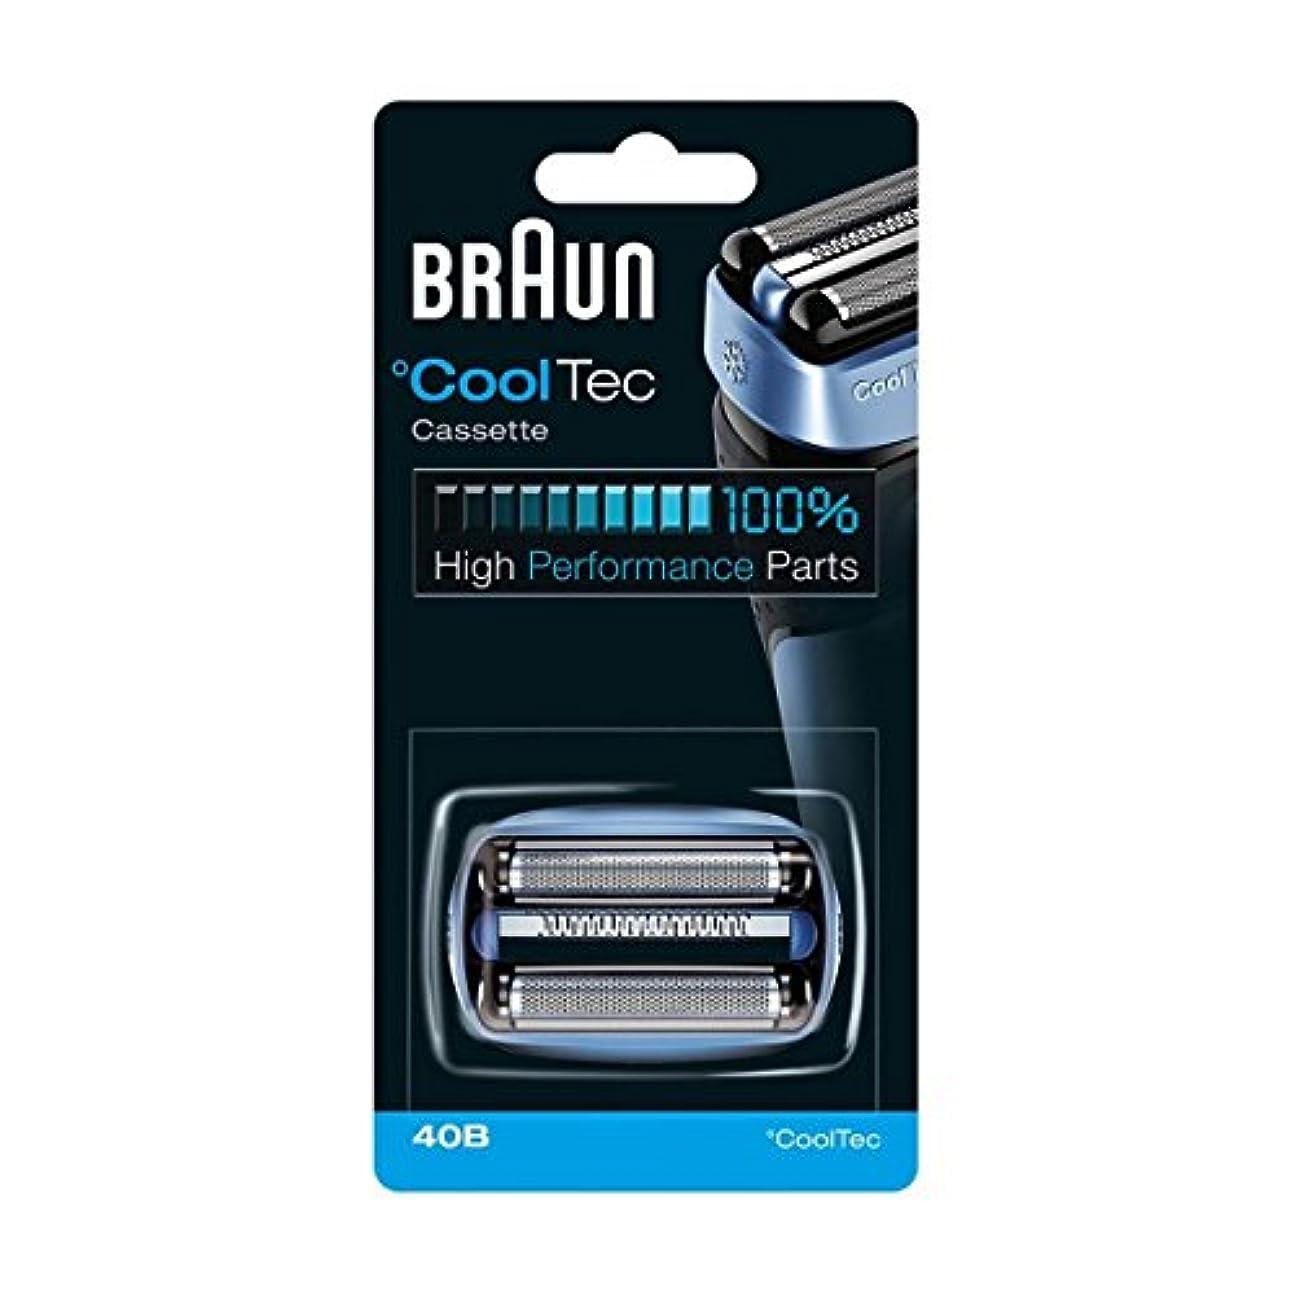 蒸し器新しい意味繊細BRAUN 40B Foil and Cutter Replacement Cartridge for CoolTec shavers series [並行輸入品]